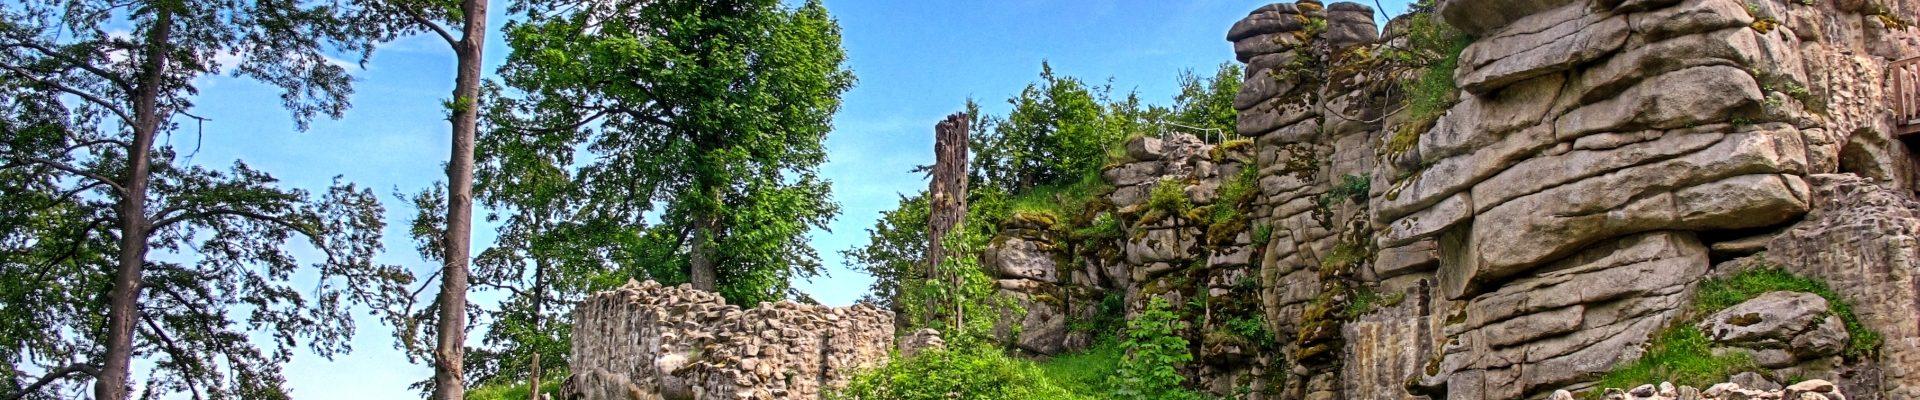 Urlaub im Steinwald, rund um das ARIBO Hotel in Erbendorf